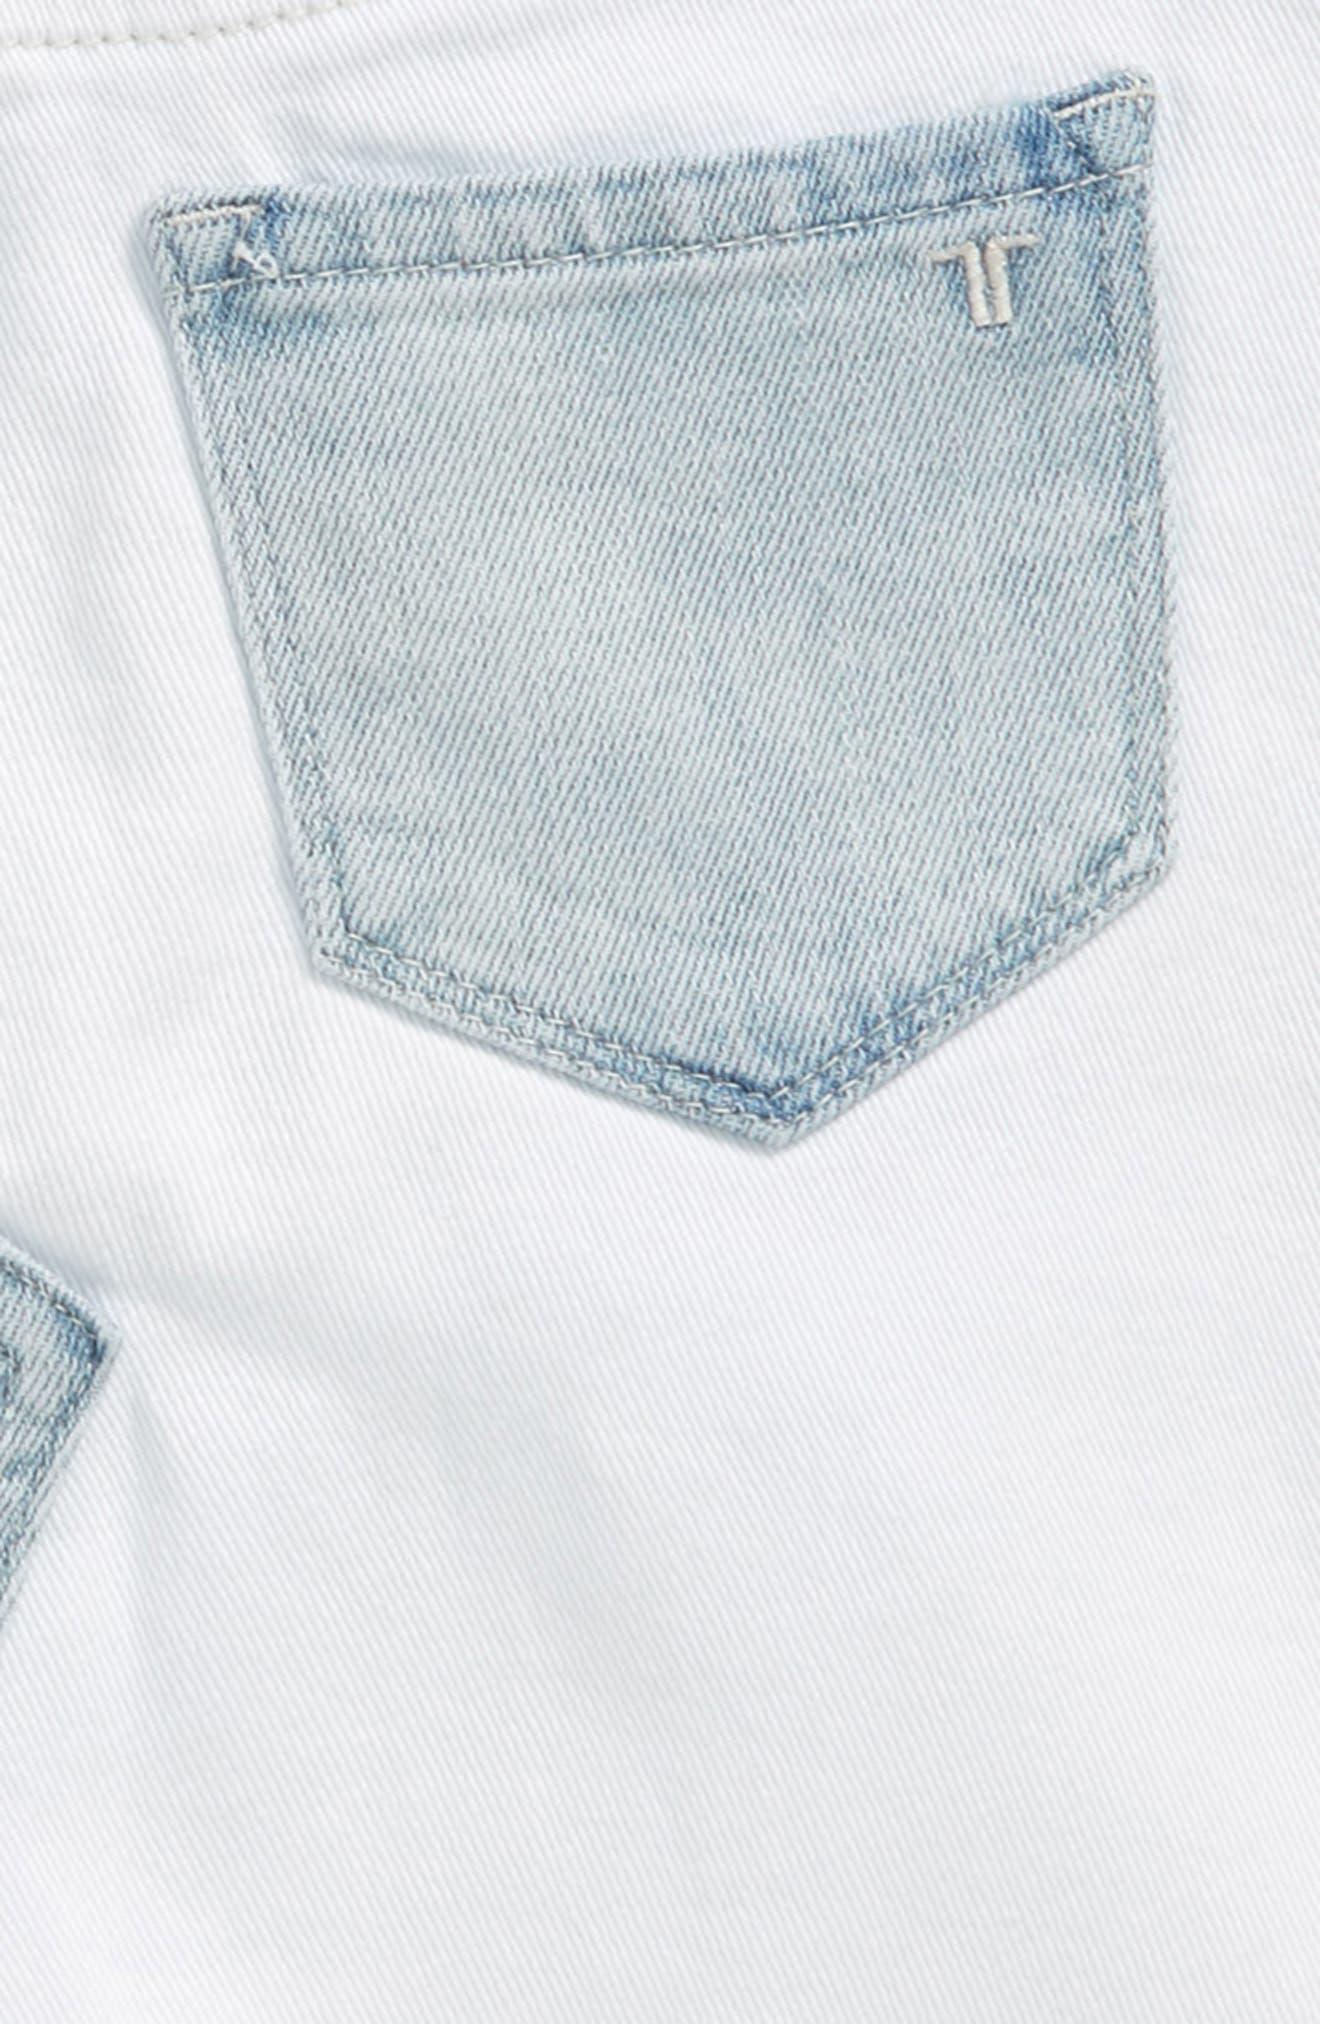 Patchwork Denim Skirt,                             Alternate thumbnail 3, color,                             100